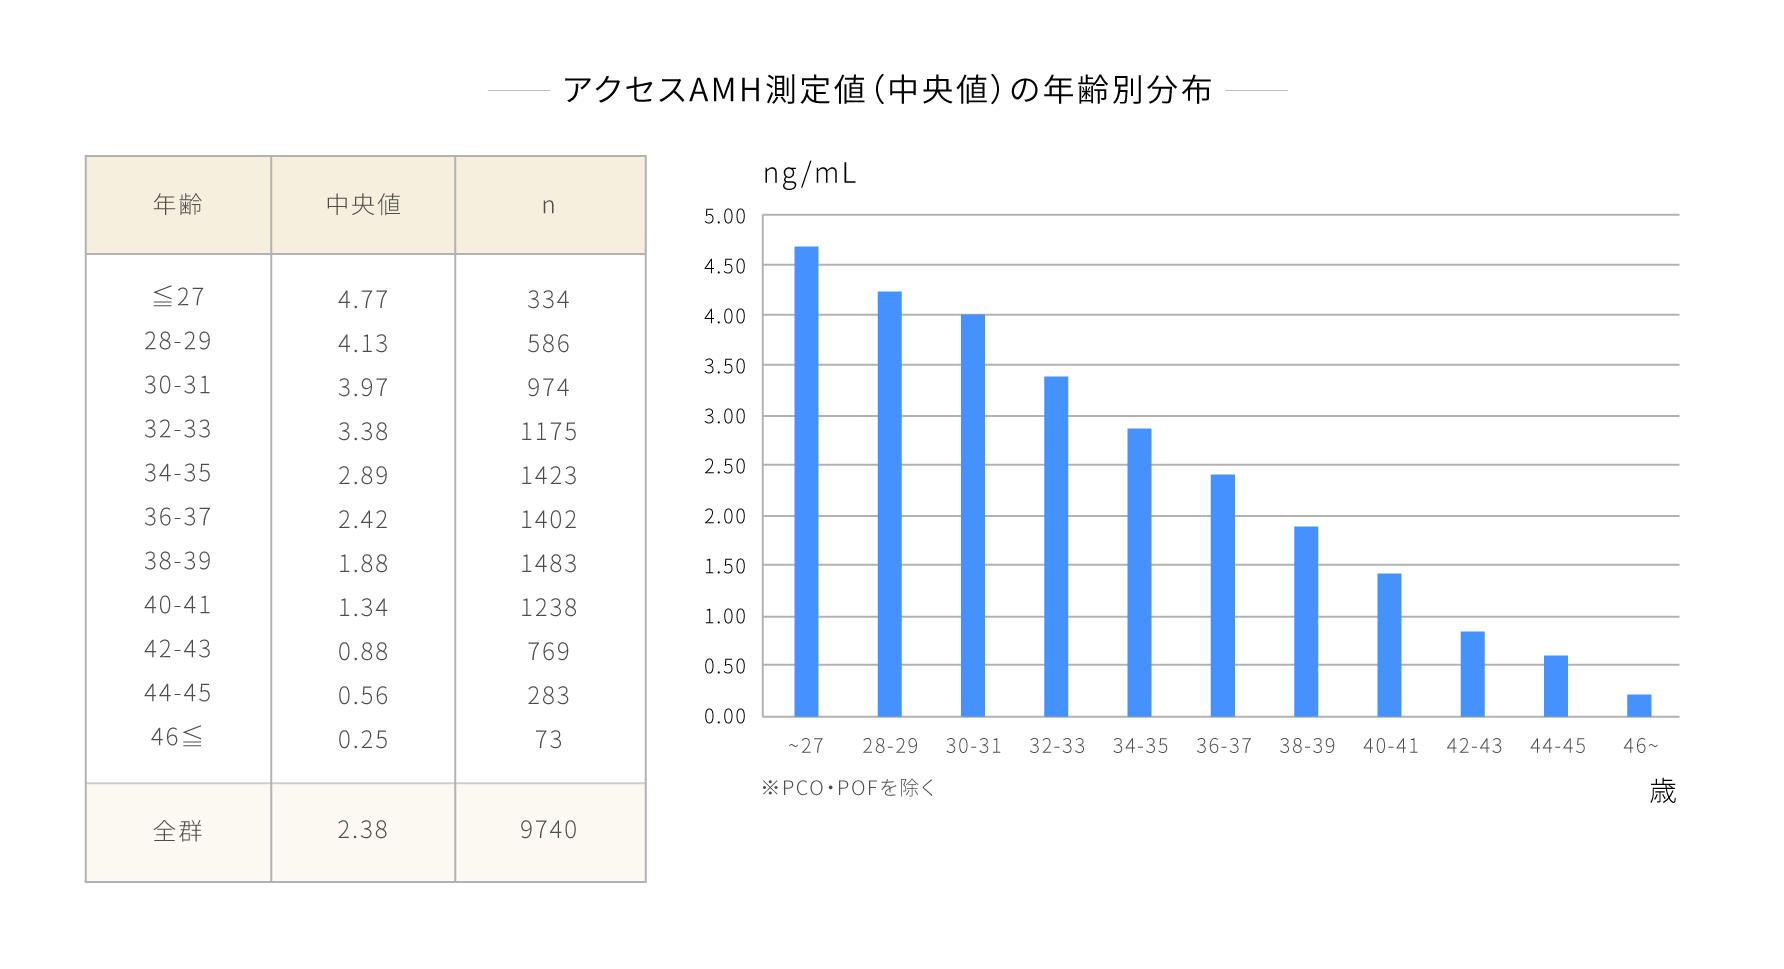 アクセスAMH測定値の年齢別分布